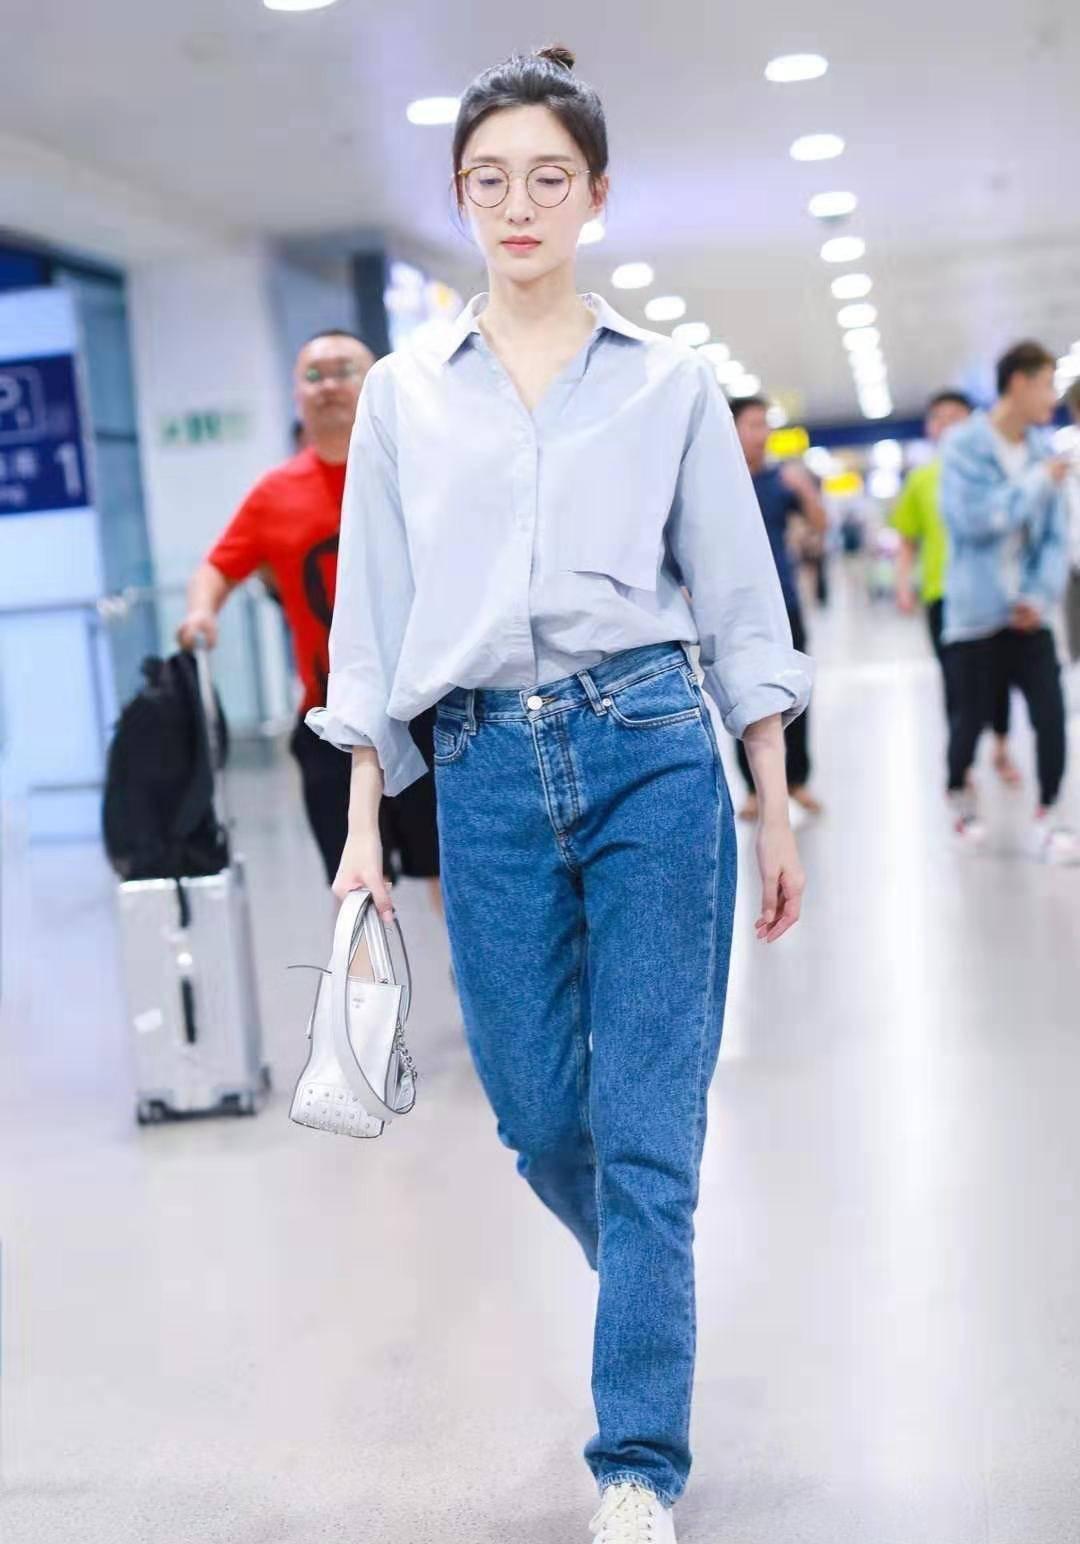 江疏影机场照,衬衫配牛仔裤,尽显知性温柔,只是法令纹略重